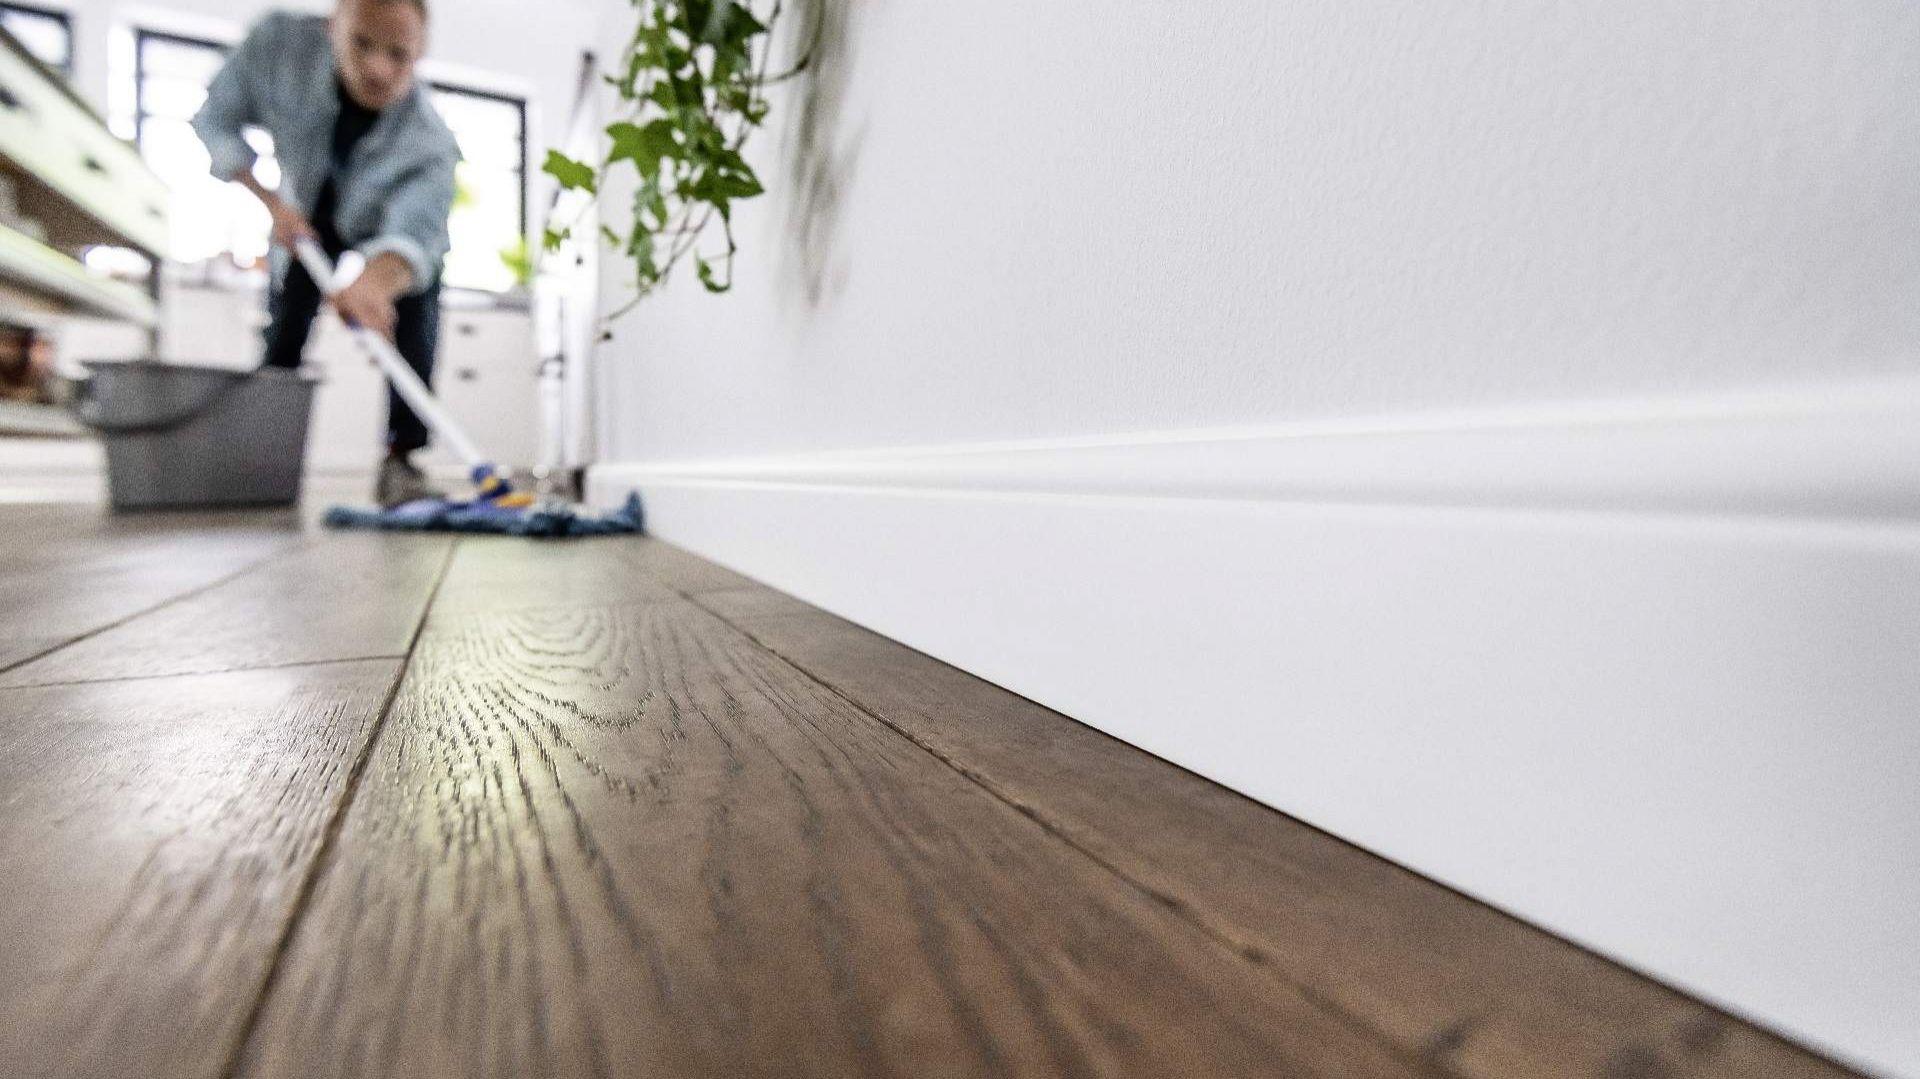 Listwy Espumo można malować, dzięki czemu łatwo dopasować je do aranżowanego pomieszczenia. Fot. Vox